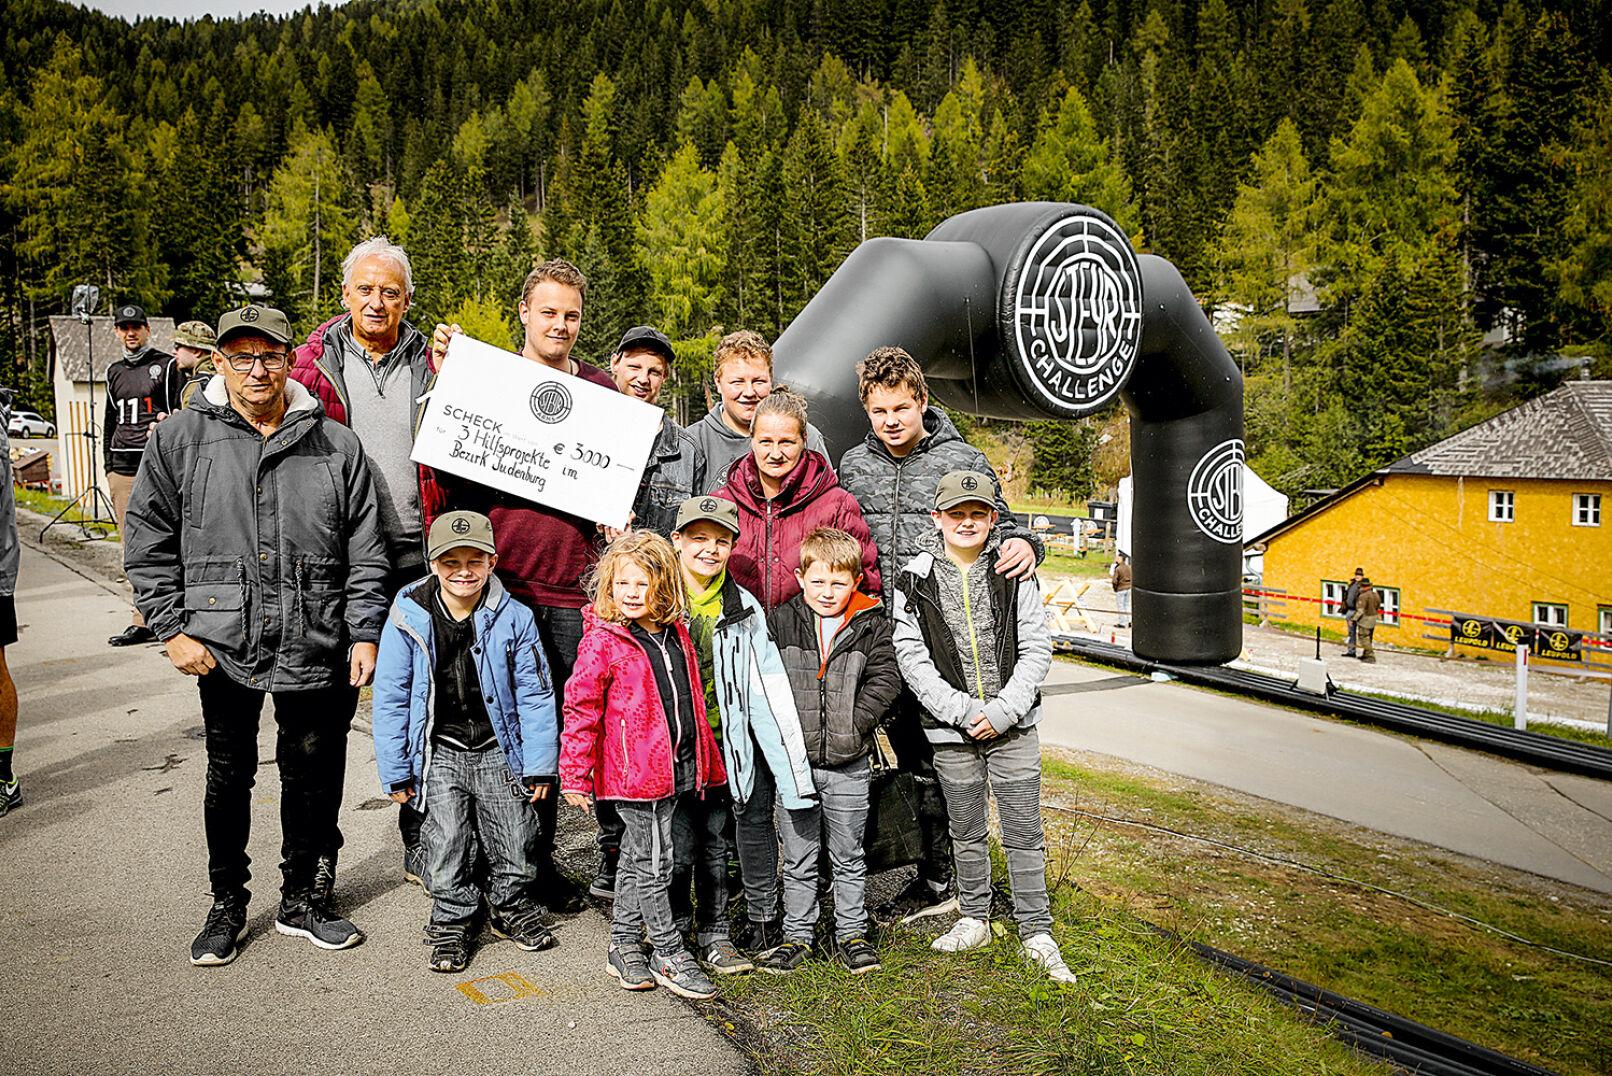 """Im Rahmen der """"Steyr helps""""-Initiative wurde einer Familie ein Scheck überreicht. - © Peter Rigaud"""